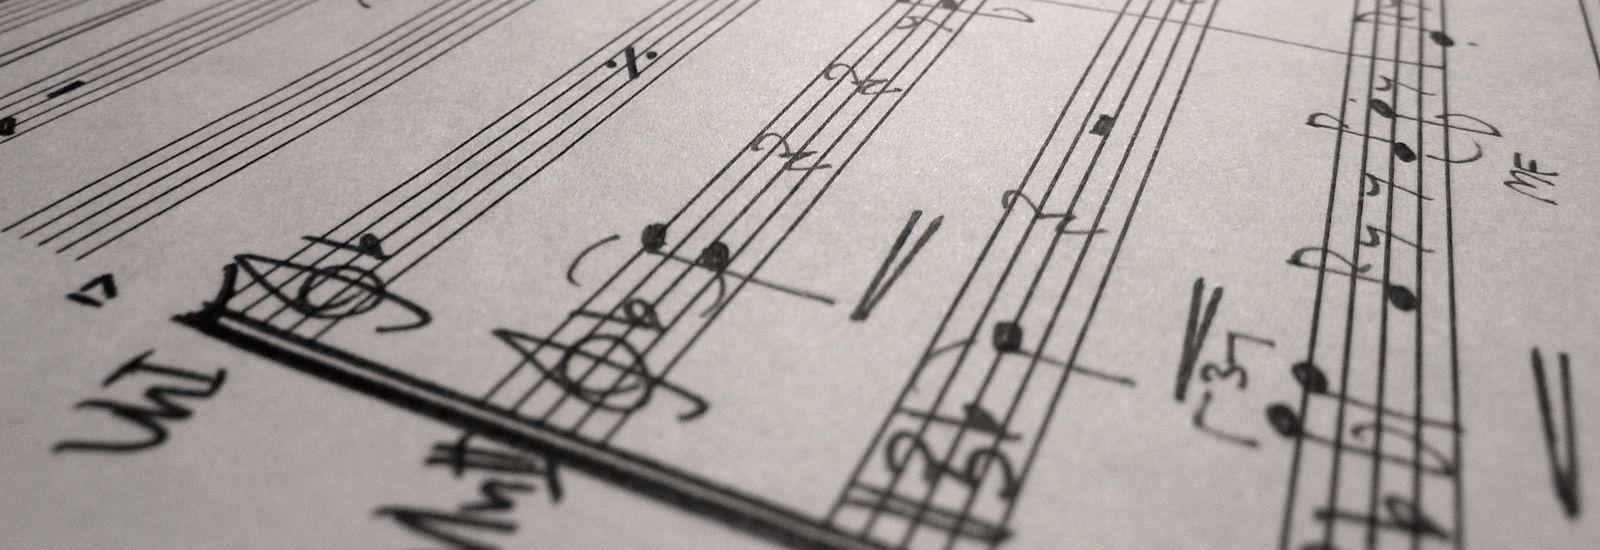 A close up of handwritten sheet music